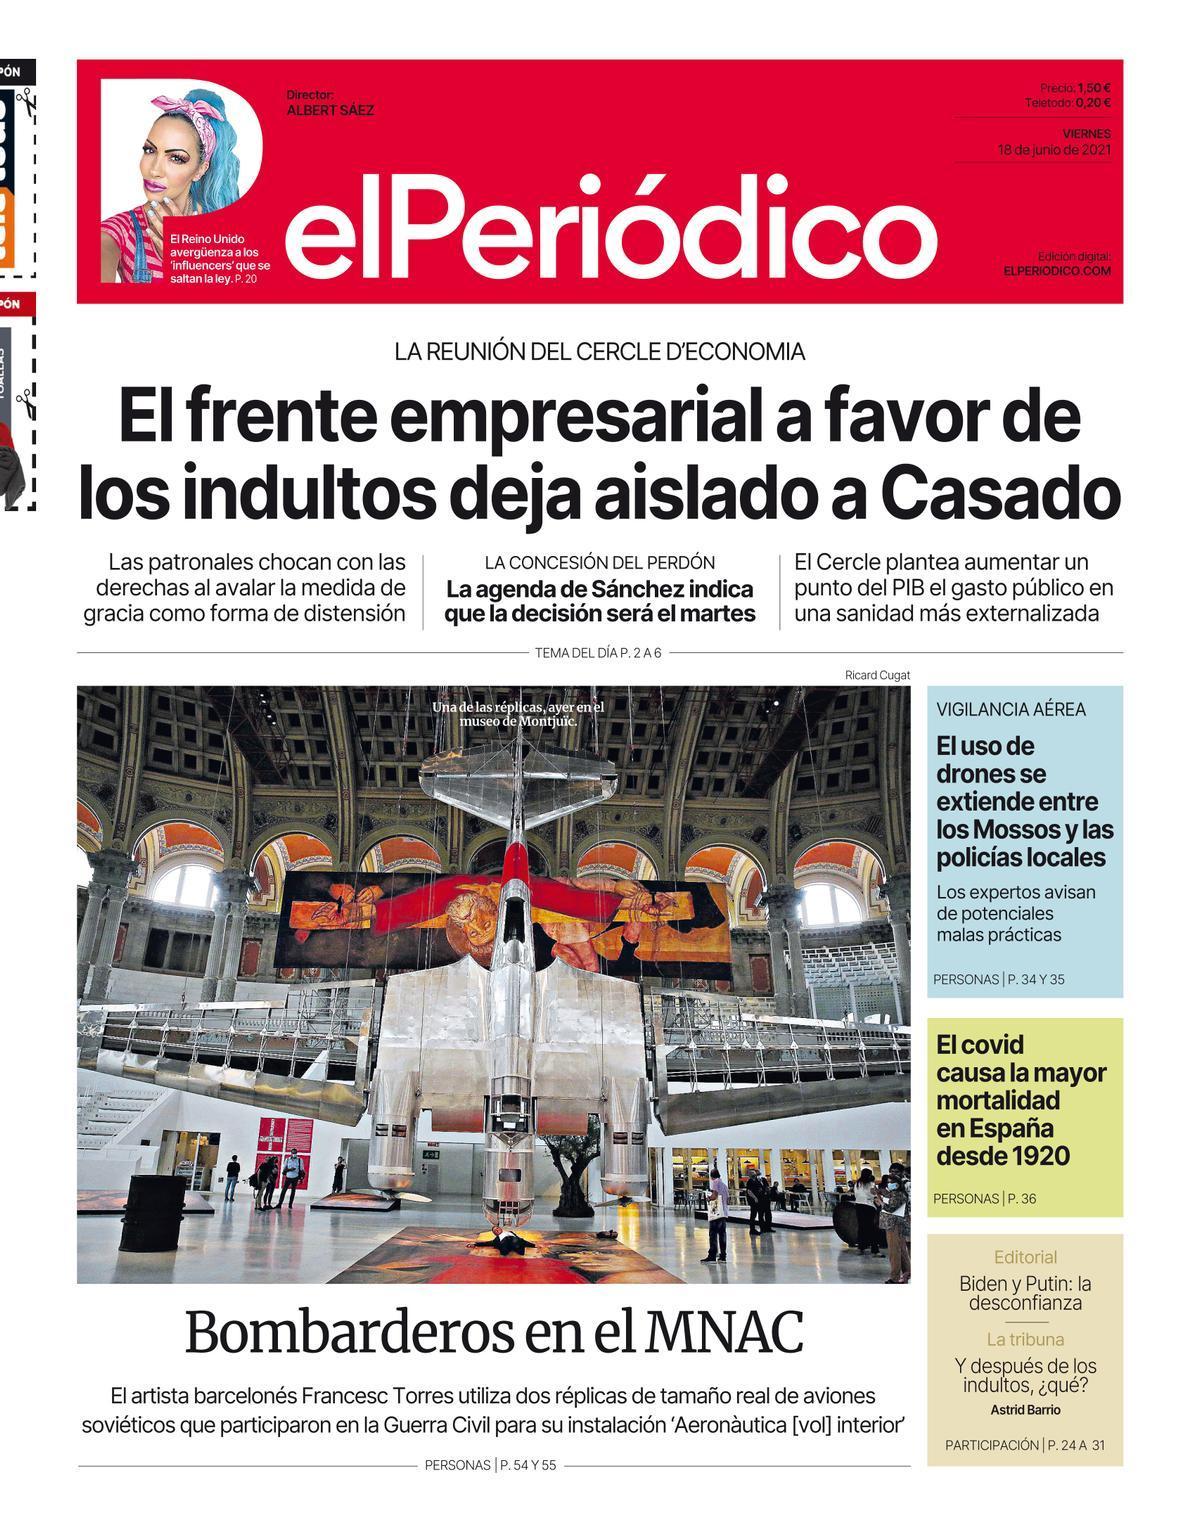 La portada de EL PERIÓDICO del 18 de junio de 2021